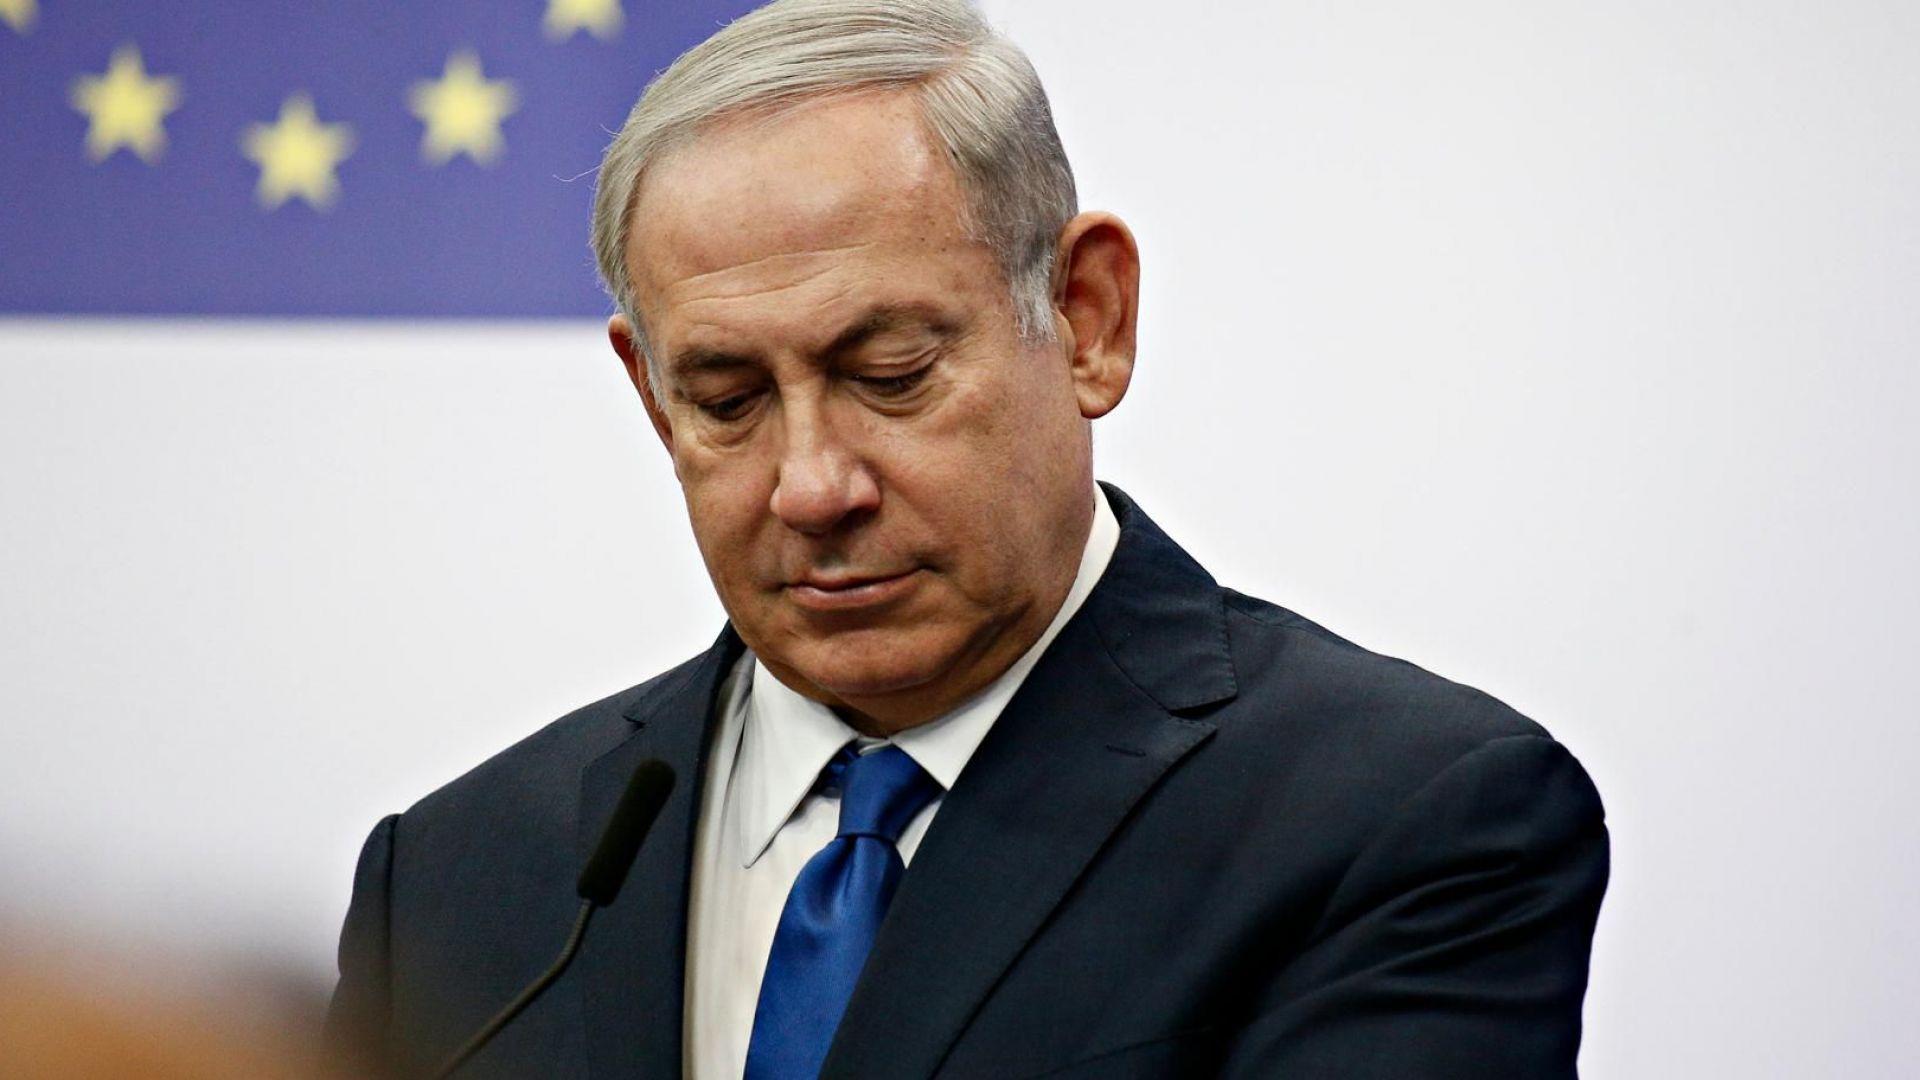 Нетаняху не успя да състави кабинет, нови избори в Израел през септември